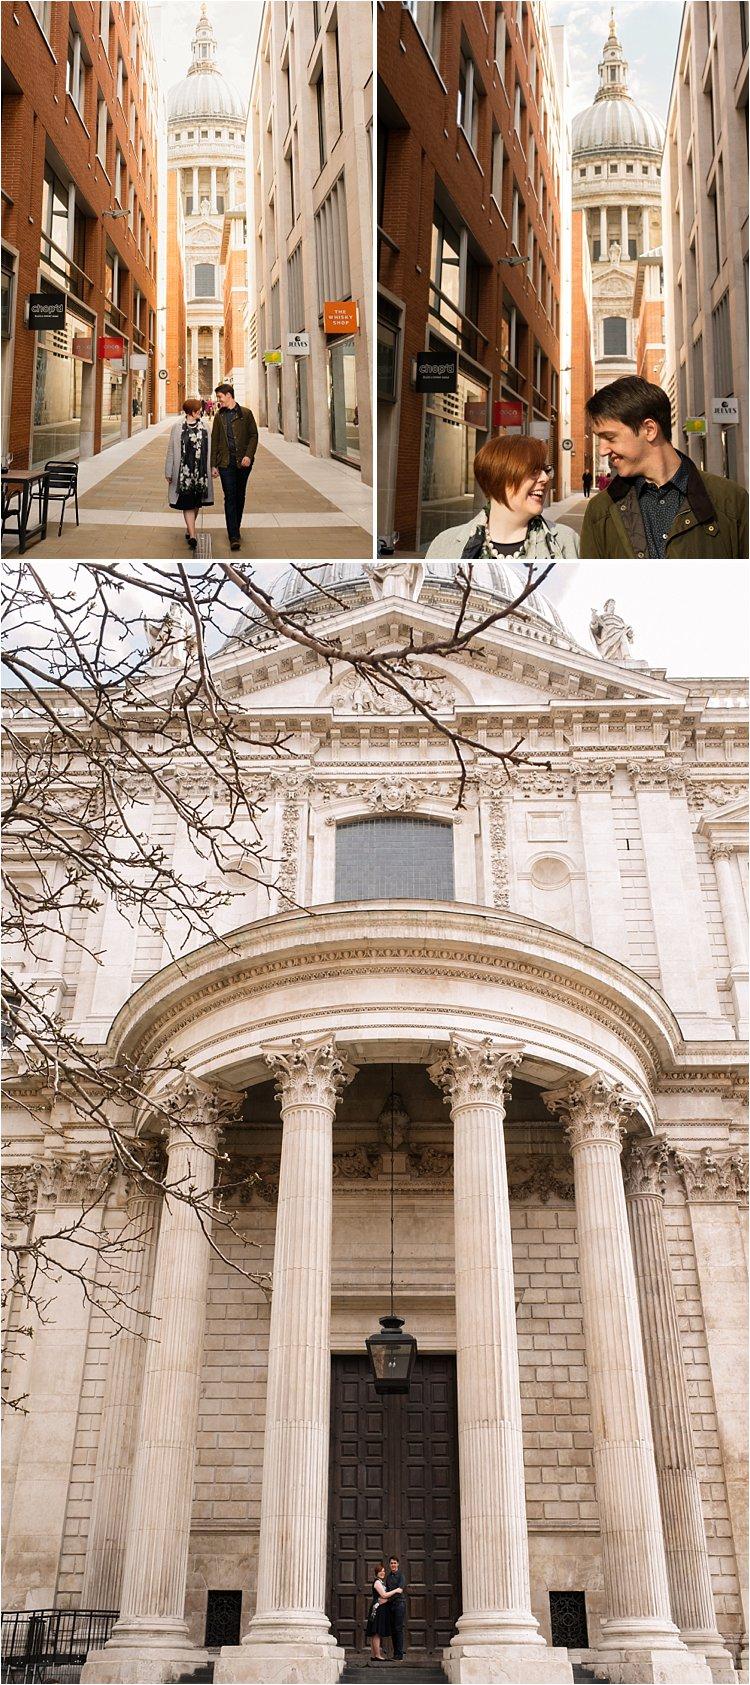 st-pauls-cathedral-wedding-photographer-brick-lane-engagement-photoshoot-lily-sawyer-photo_0000